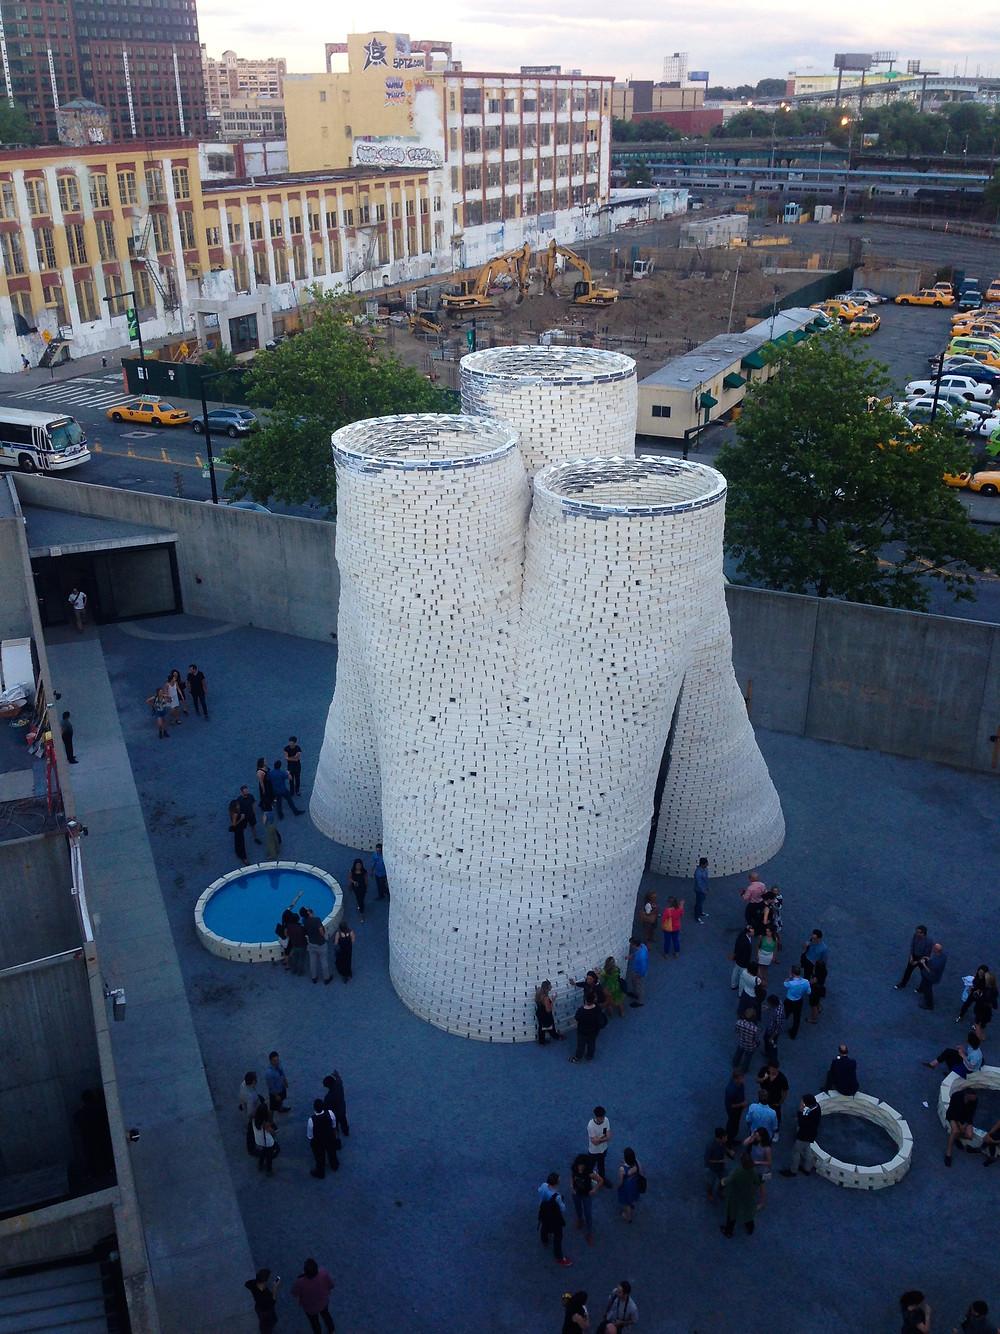 Proyecto Hy-Fi en los espacios de MoMA's PS1, tras alzarse ganador de la décimo quinta edición del Young Architects Program (YAP).